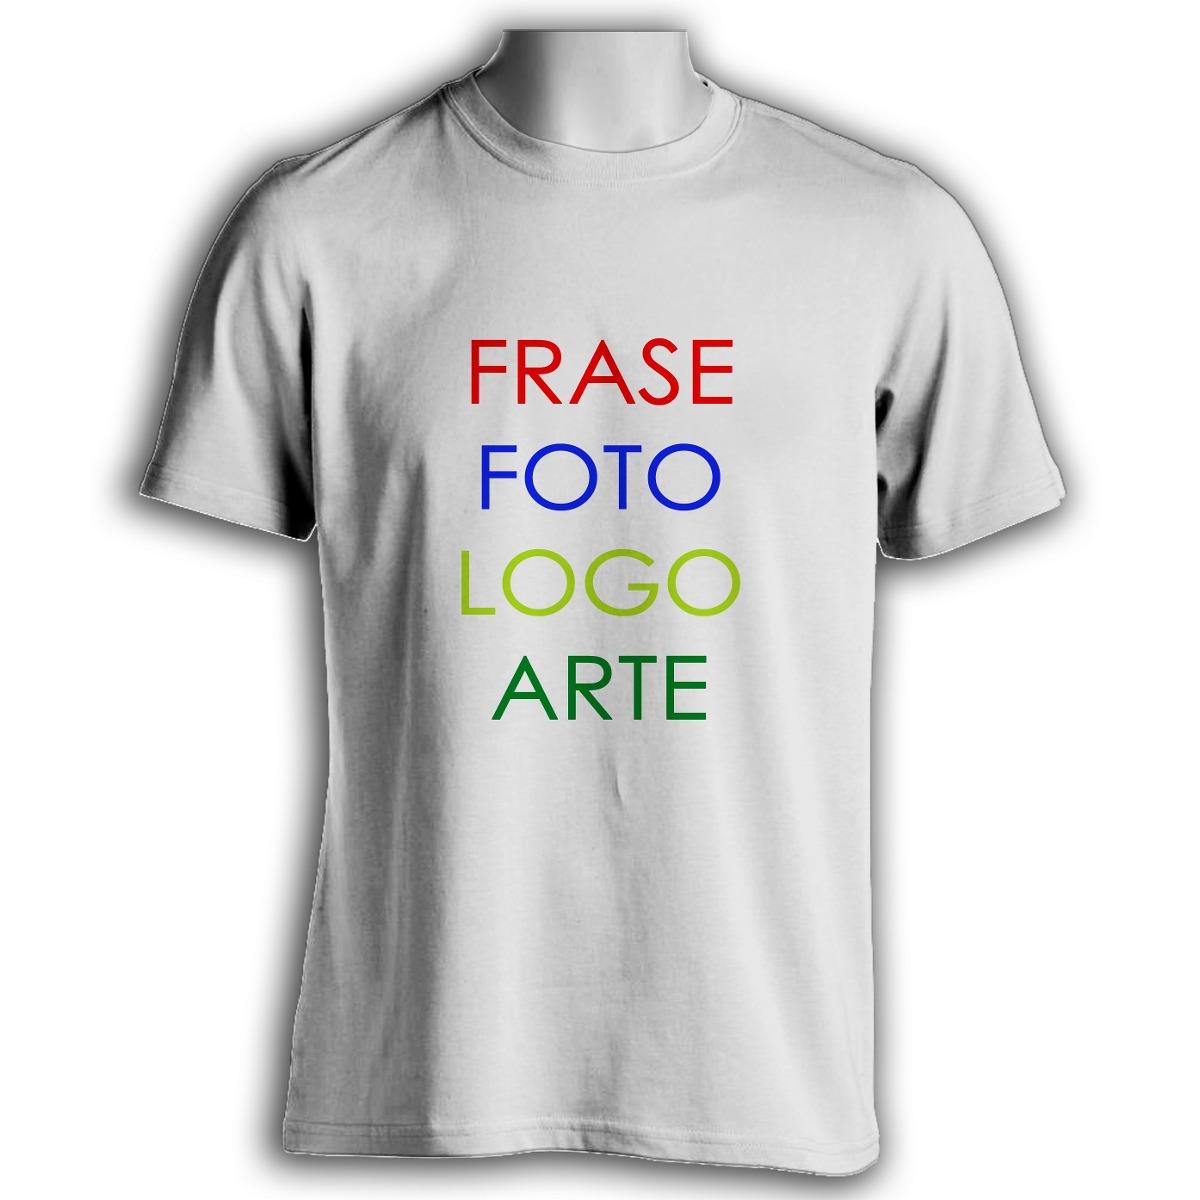 Camisetas Personalizadas - Coloque A Sua Estampa! - R  17 b38f473186a